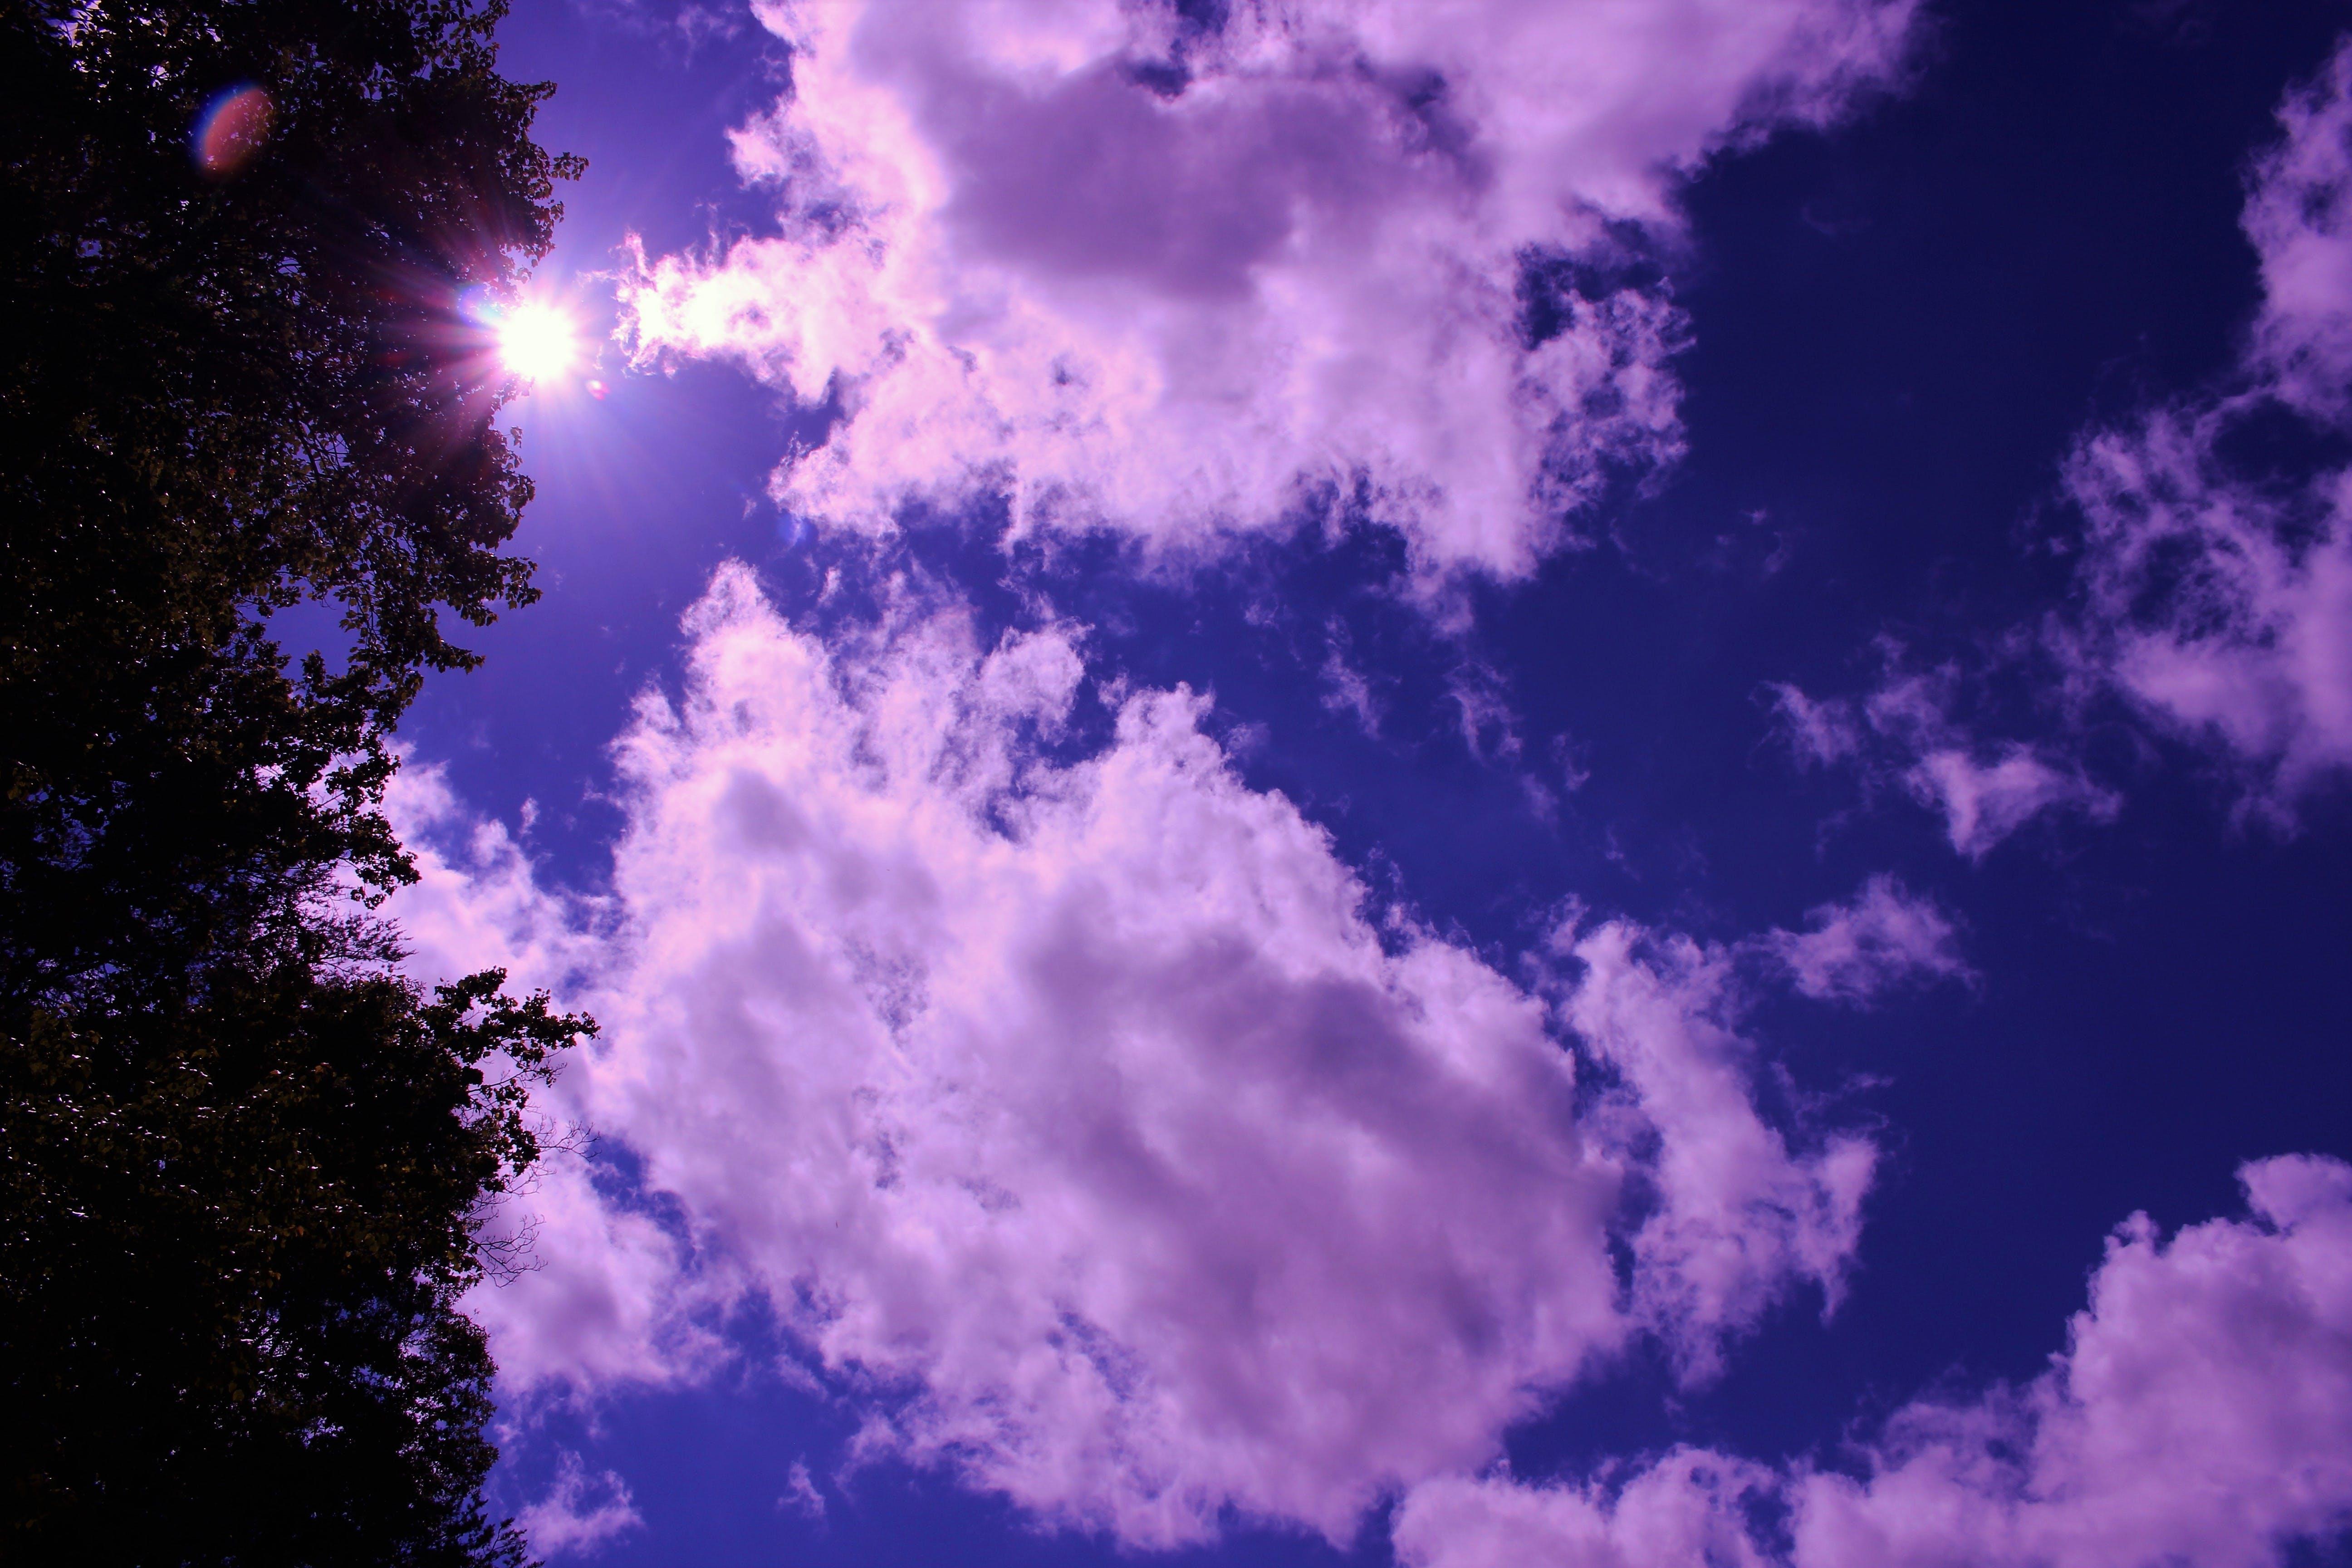 Δωρεάν στοκ φωτογραφιών με αντανάκλαση φακού, γαλάζιος ουρανός, ηλιόλουστη μέρα, ηλιόλουστος